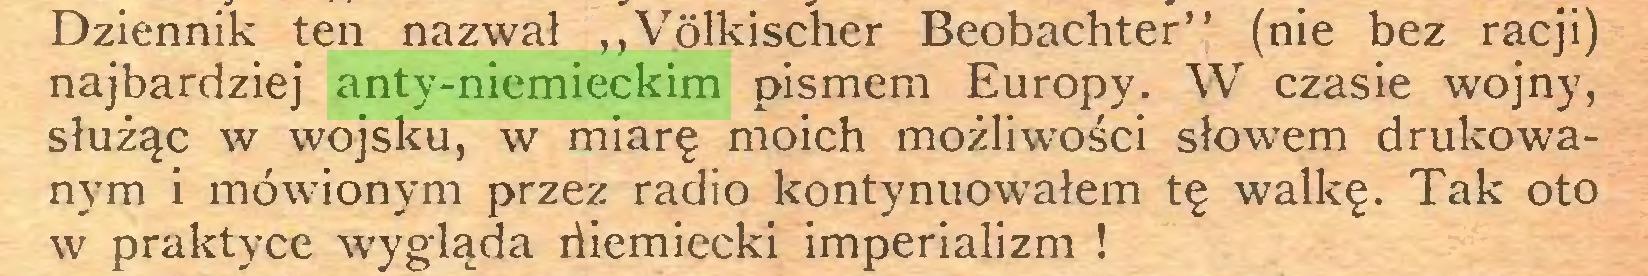 """(...) Dziennik ten nazwał """"Völkischer Beobachter"""" (nie bez racji) najbardziej anty-niemieckim pismem Europy. W czasie wojny, służąc w wojsku, w miarę moich możliwości słowem drukowanym i mówionym przez radio kontynuowałem tę walkę. Tak oto w praktyce wygląda riiemiecki imperializm !..."""